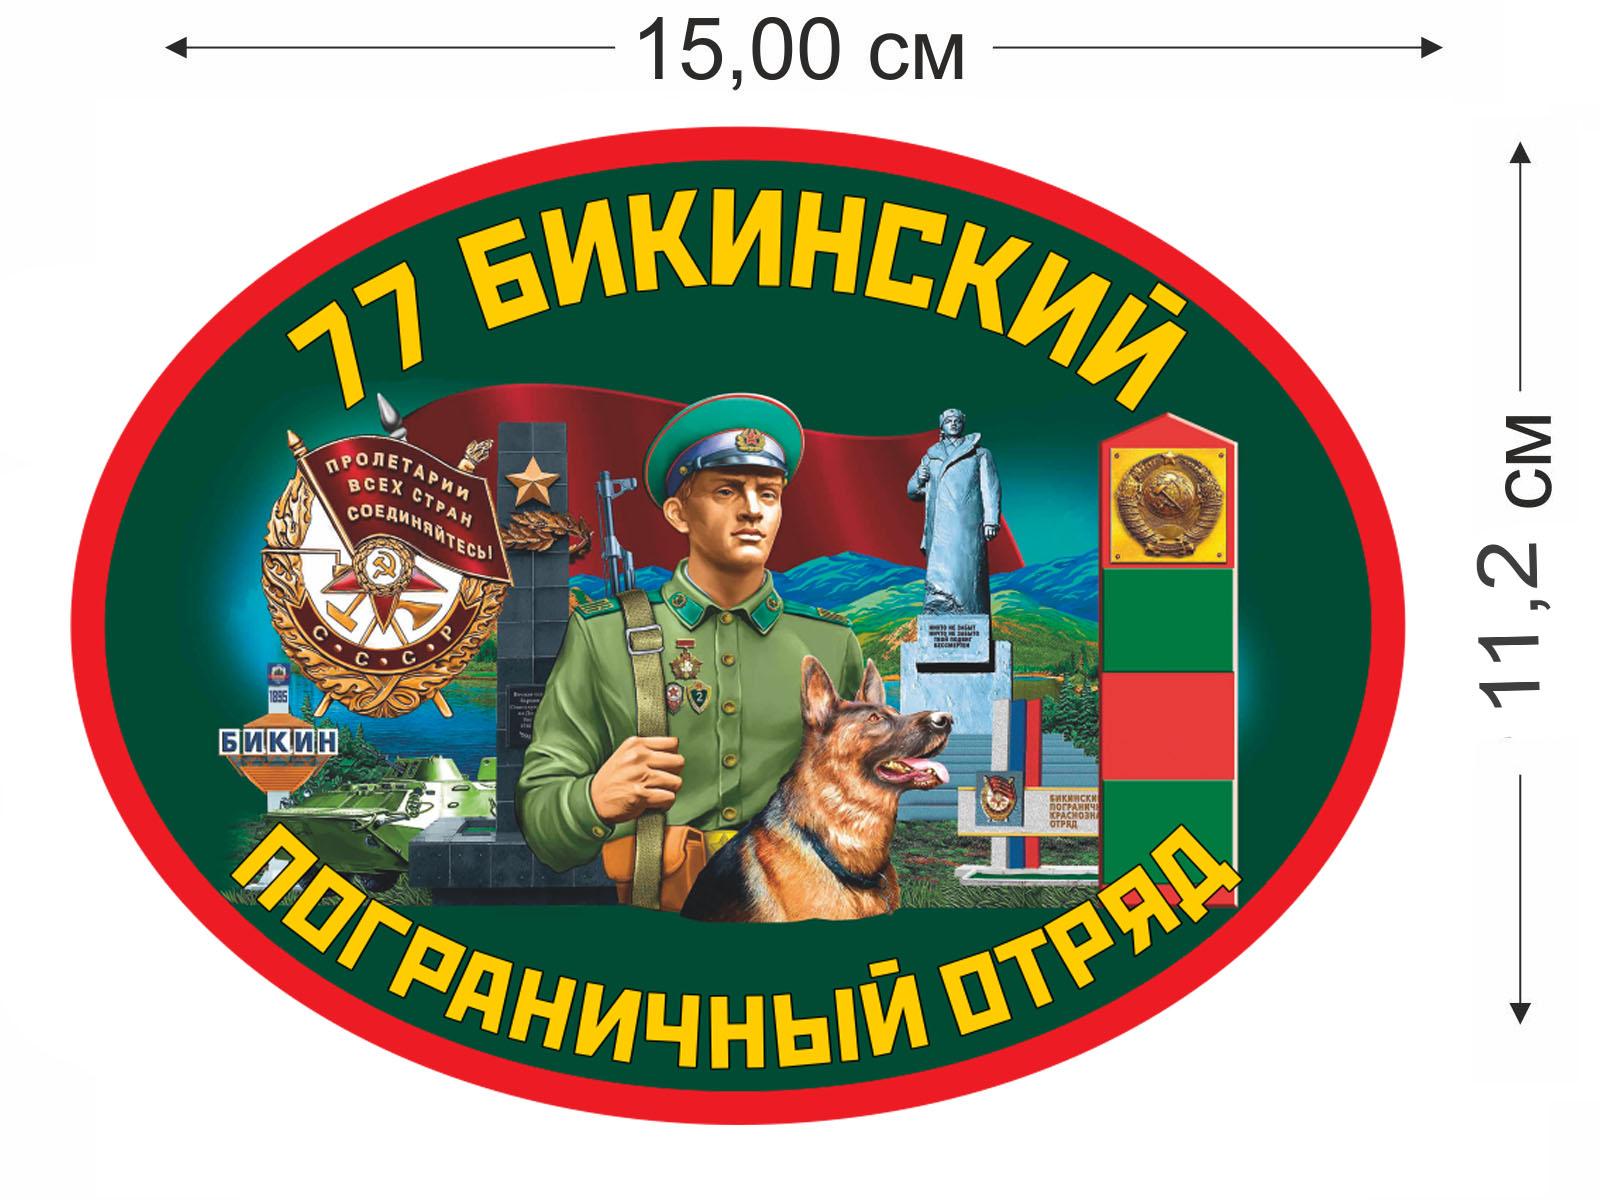 Заказать наклейку на машину 77 Бикинский ПО